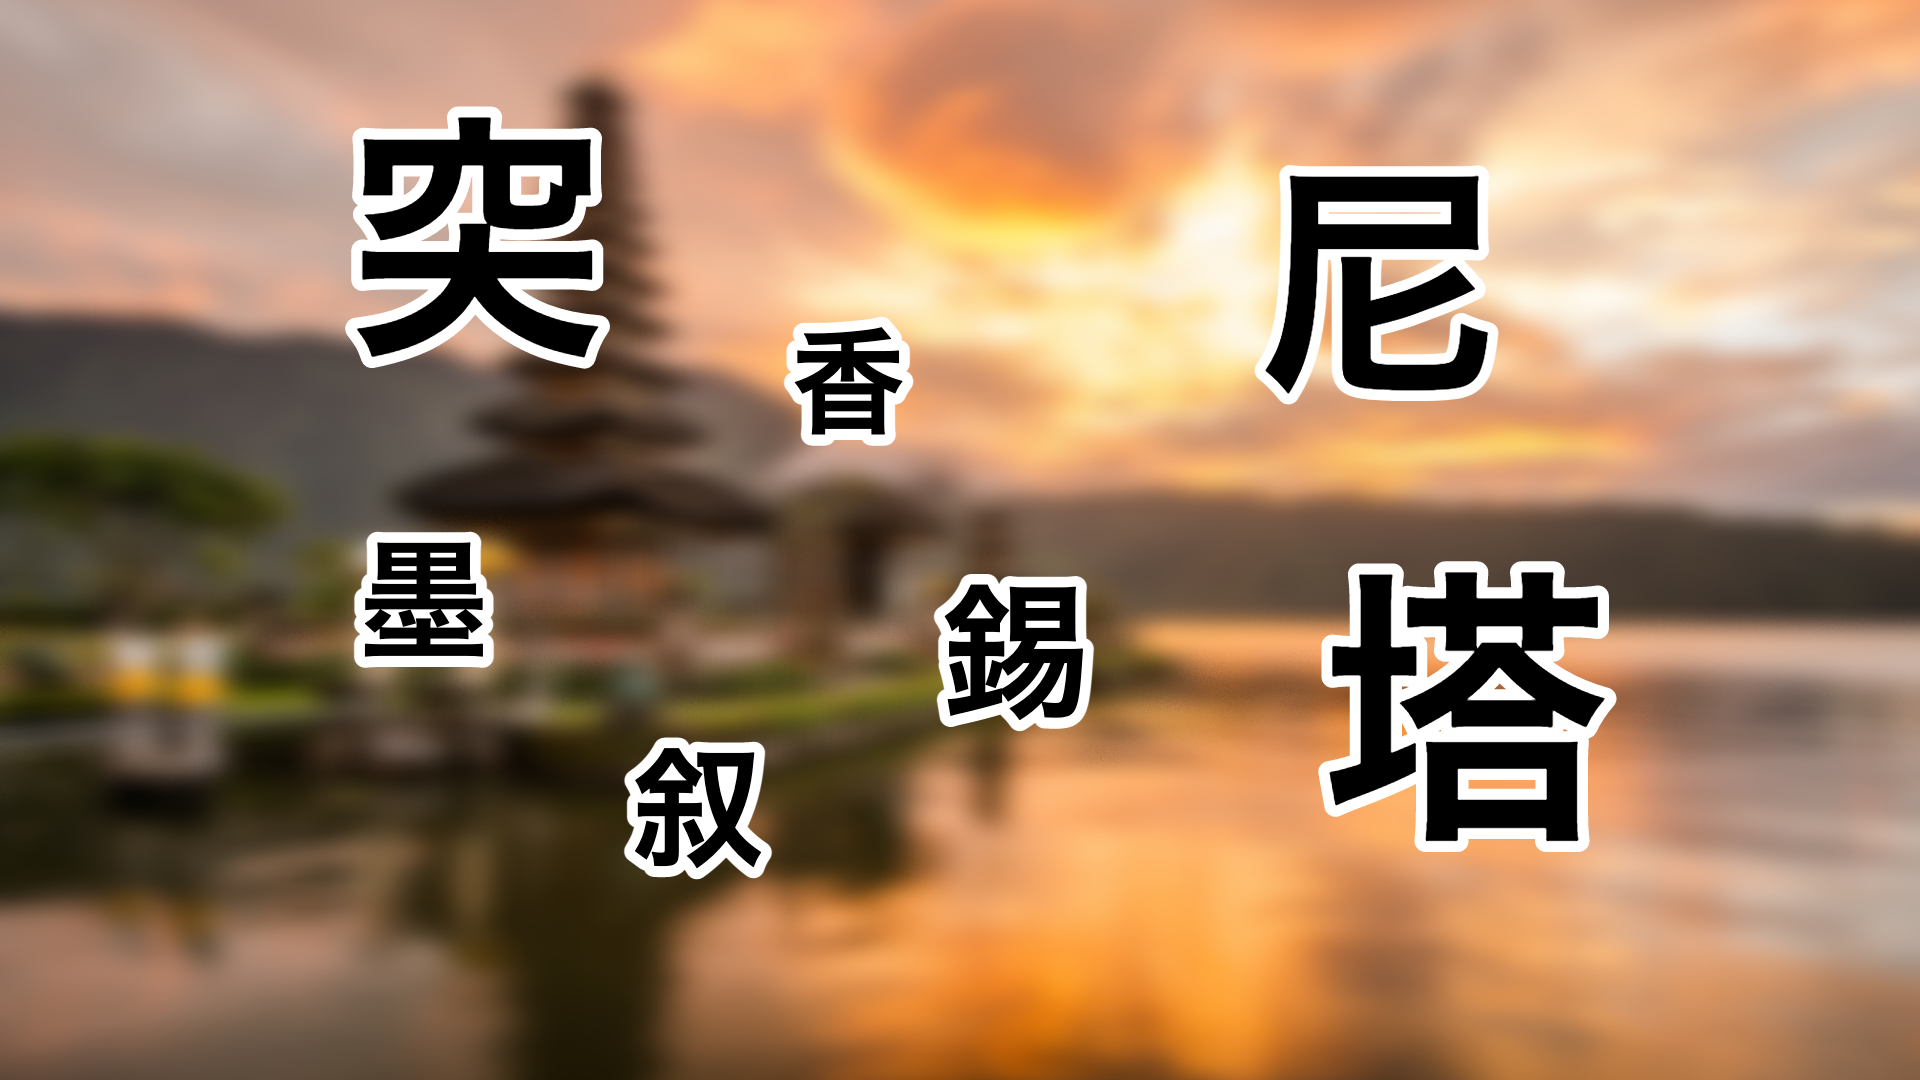 漢字 国名